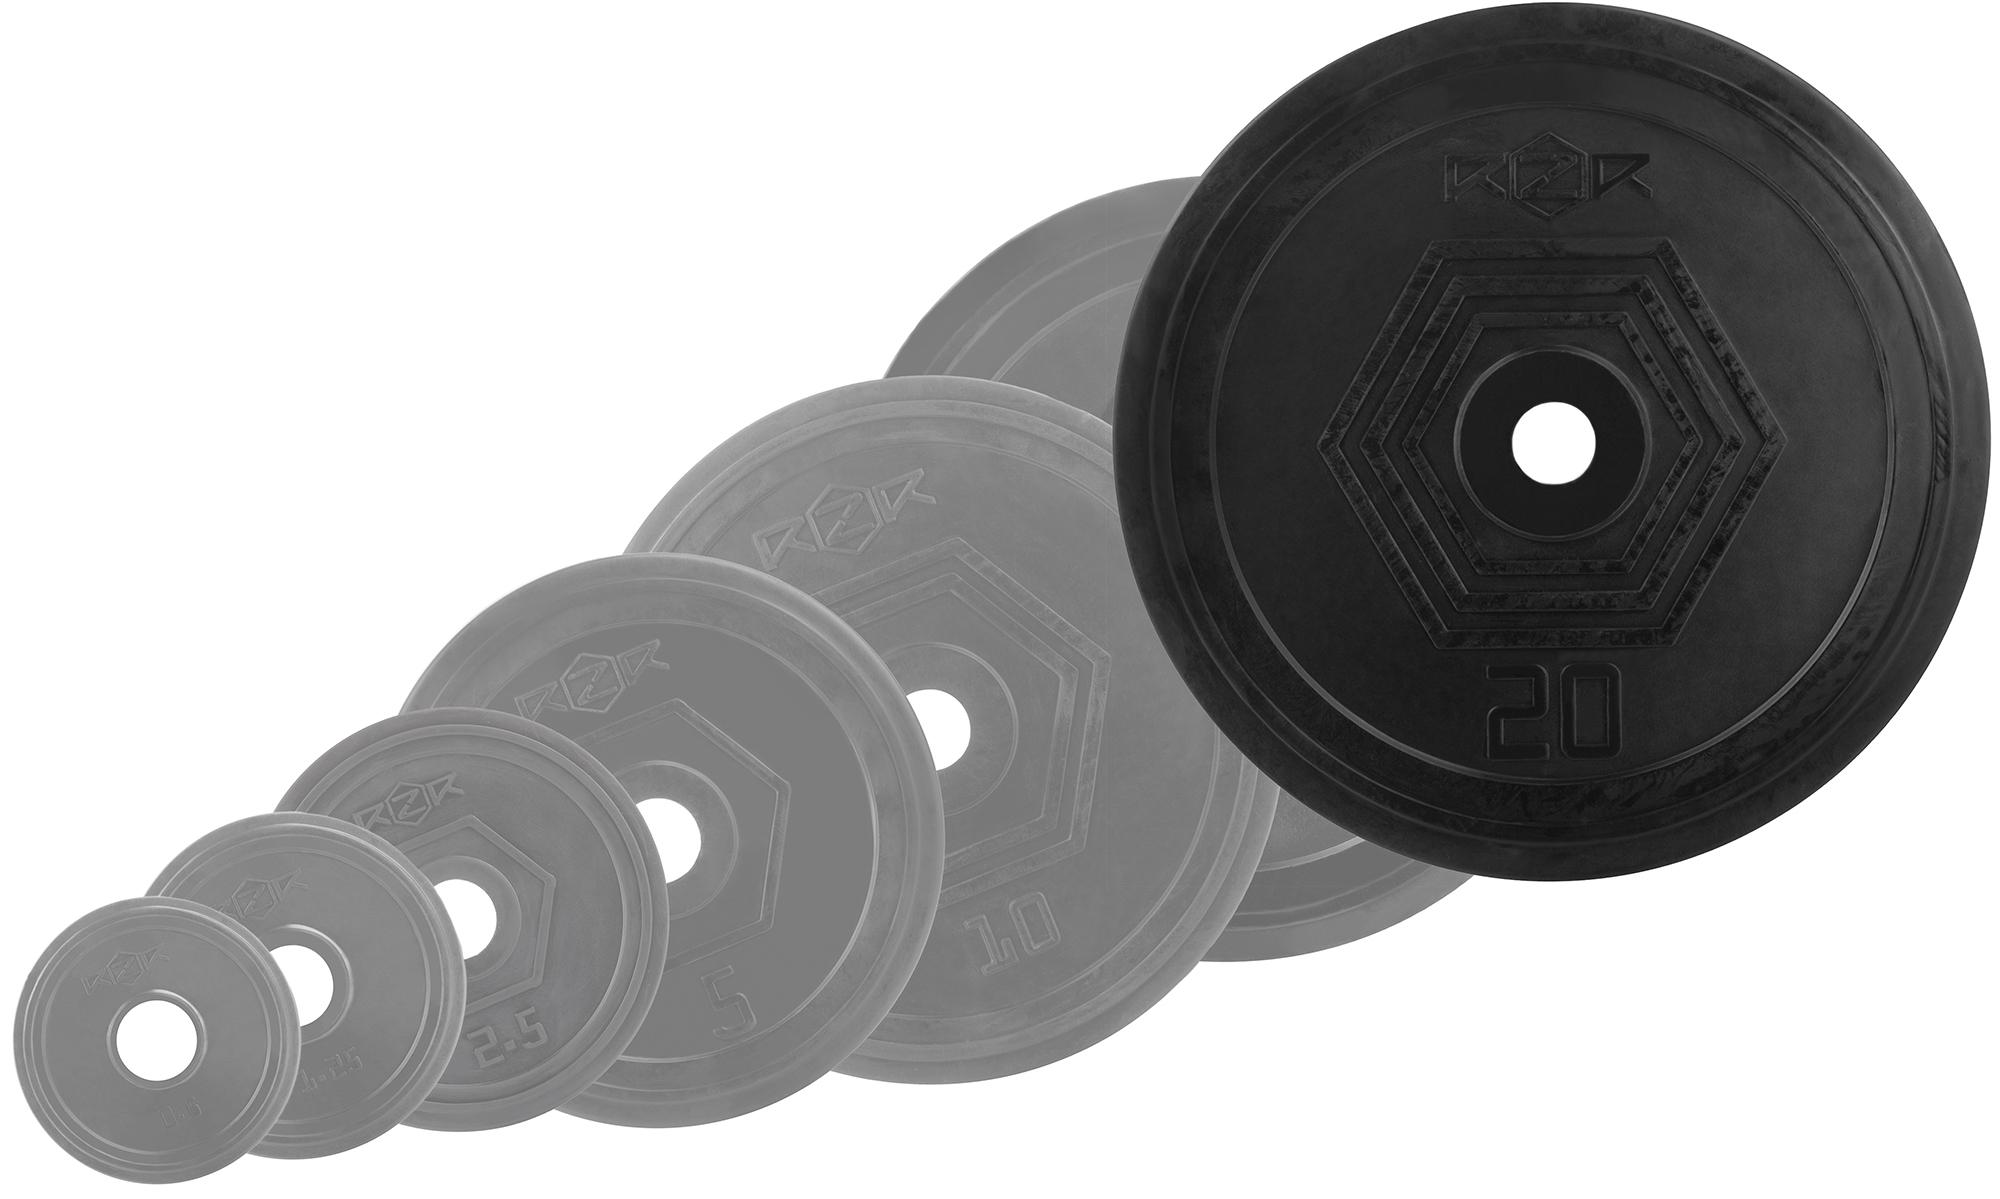 RZR Блин стальной обрезиненный RZR 20 кг диск обрезиненный titan 51 мм 5 кг черный